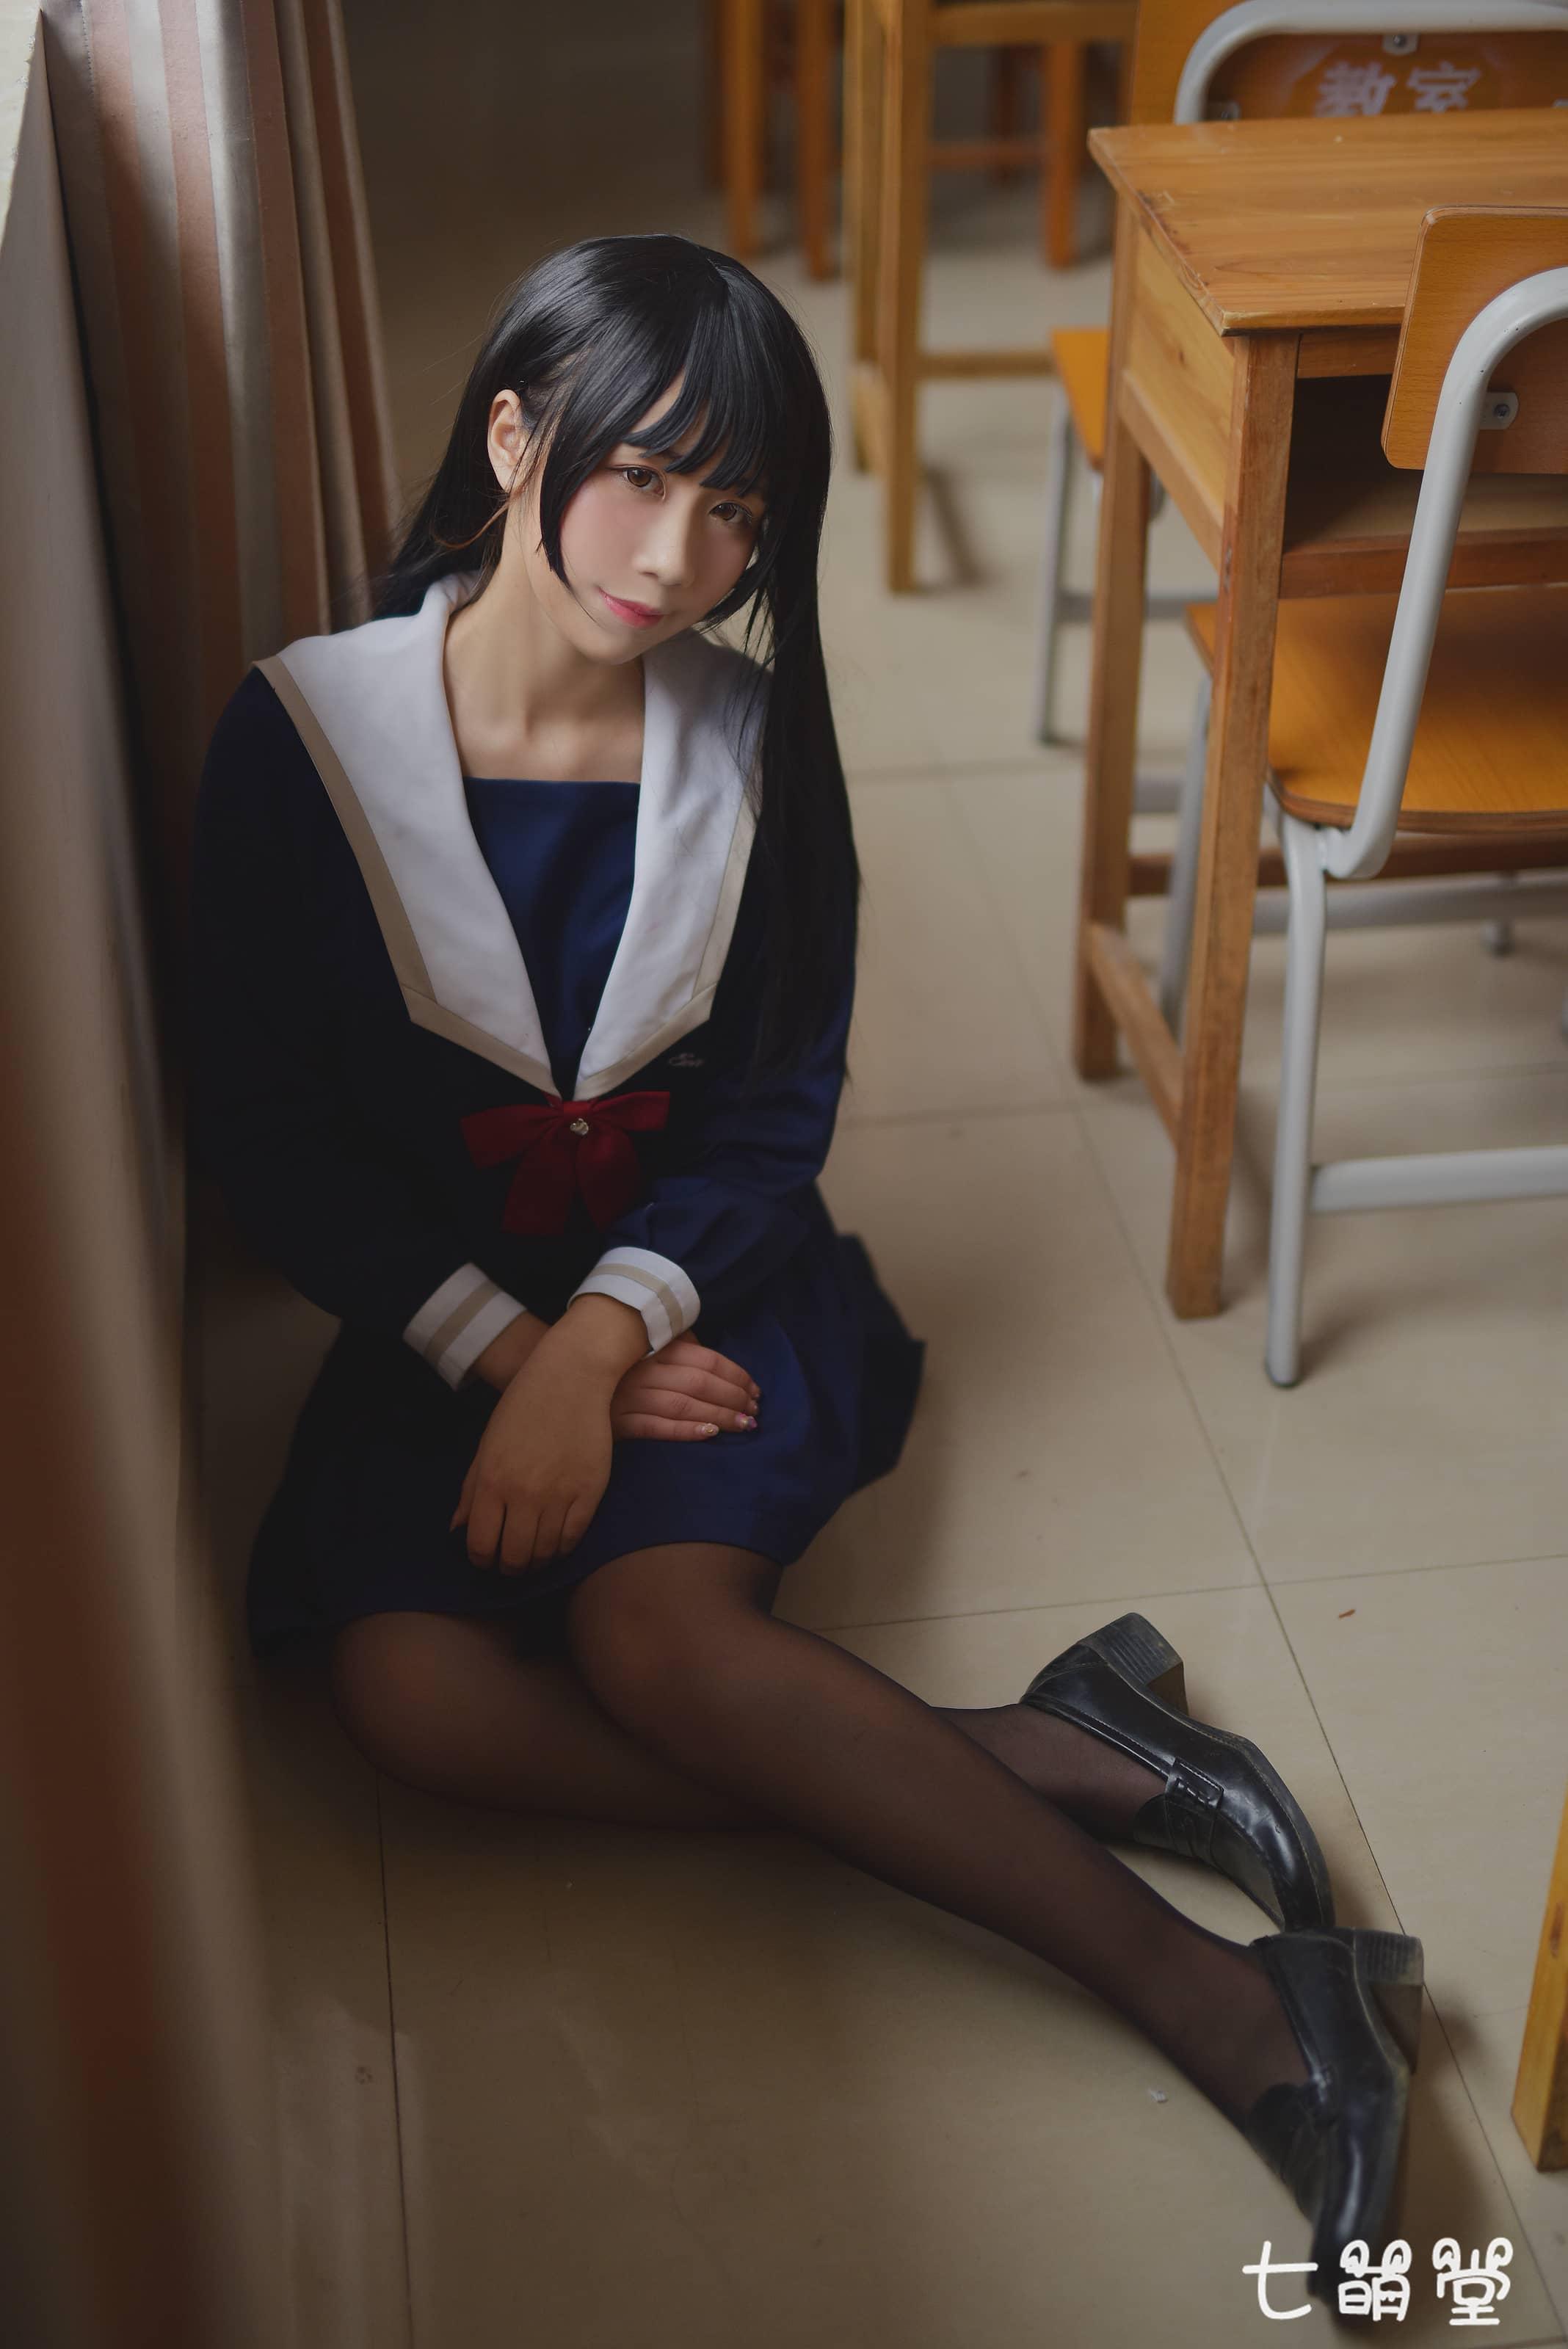 素颜也美!九曲jean最全cosplay图片写真合集36套 COS合集